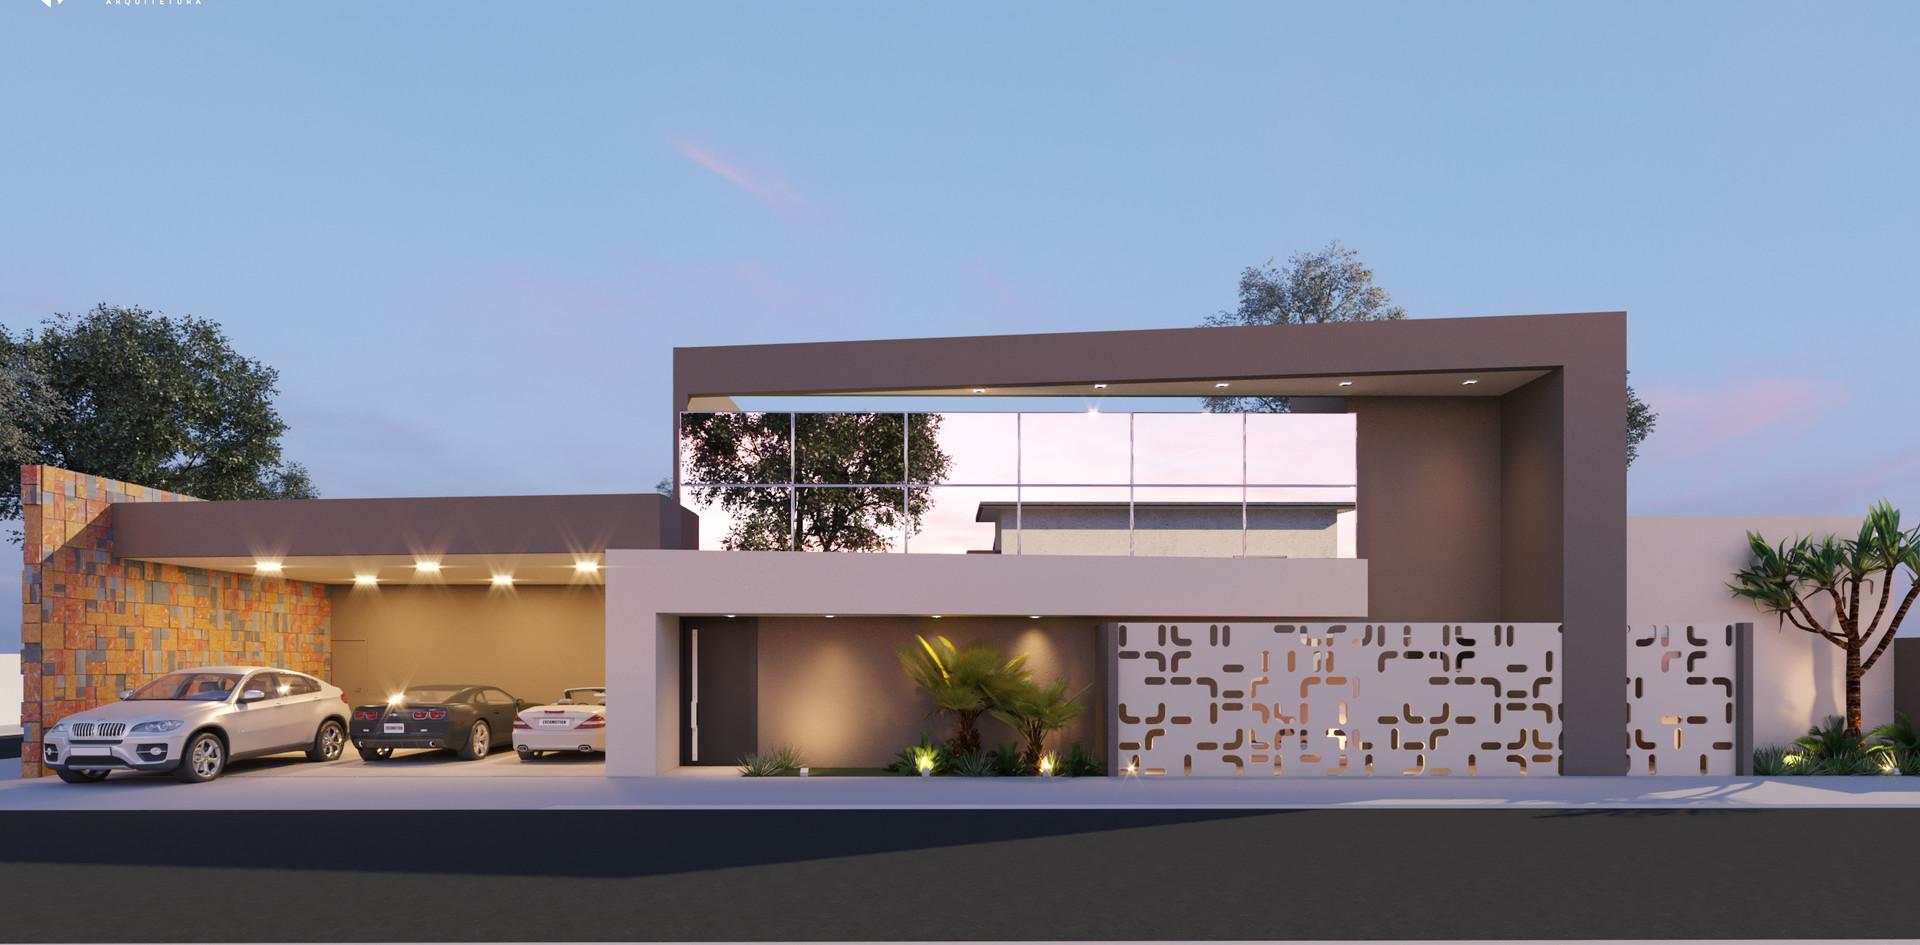 Residencia R em Ponta Porã, MS